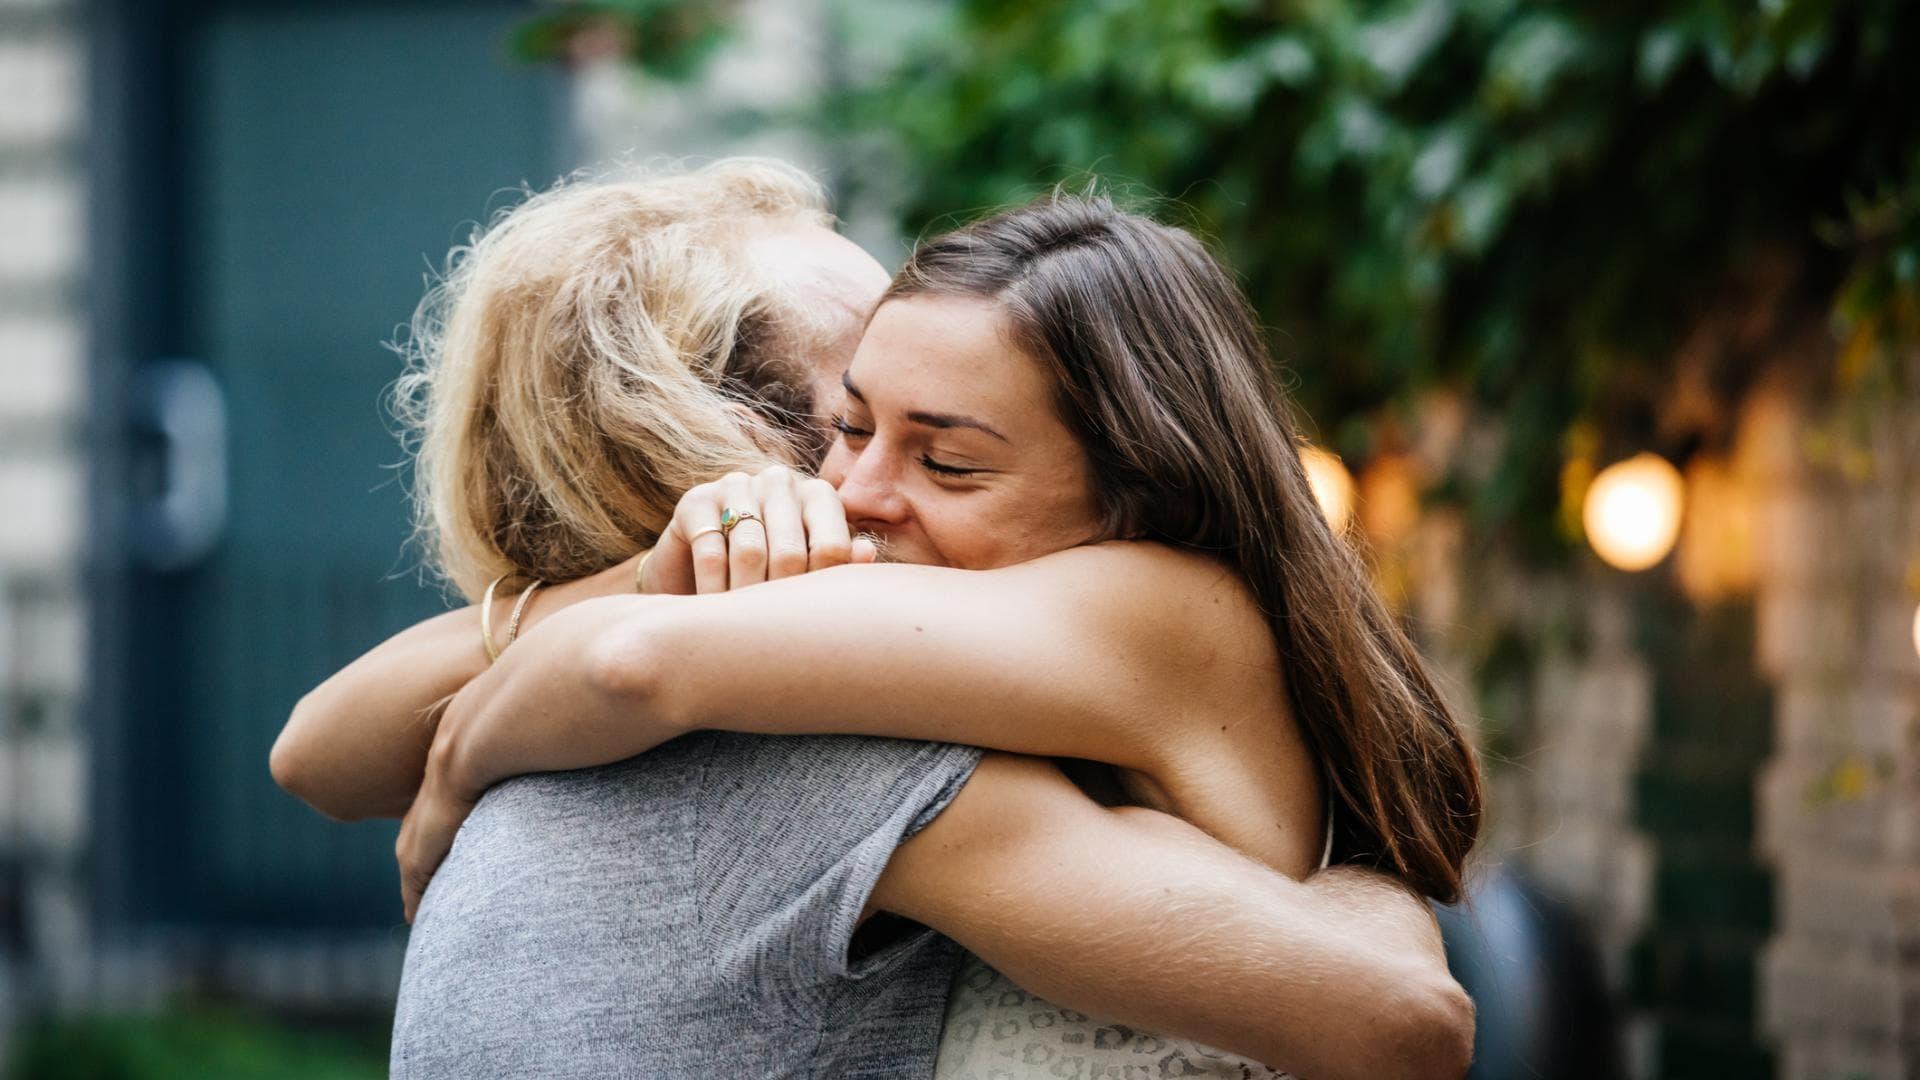 Kuscheln mit FreundIn, Freundinnen, umarmen